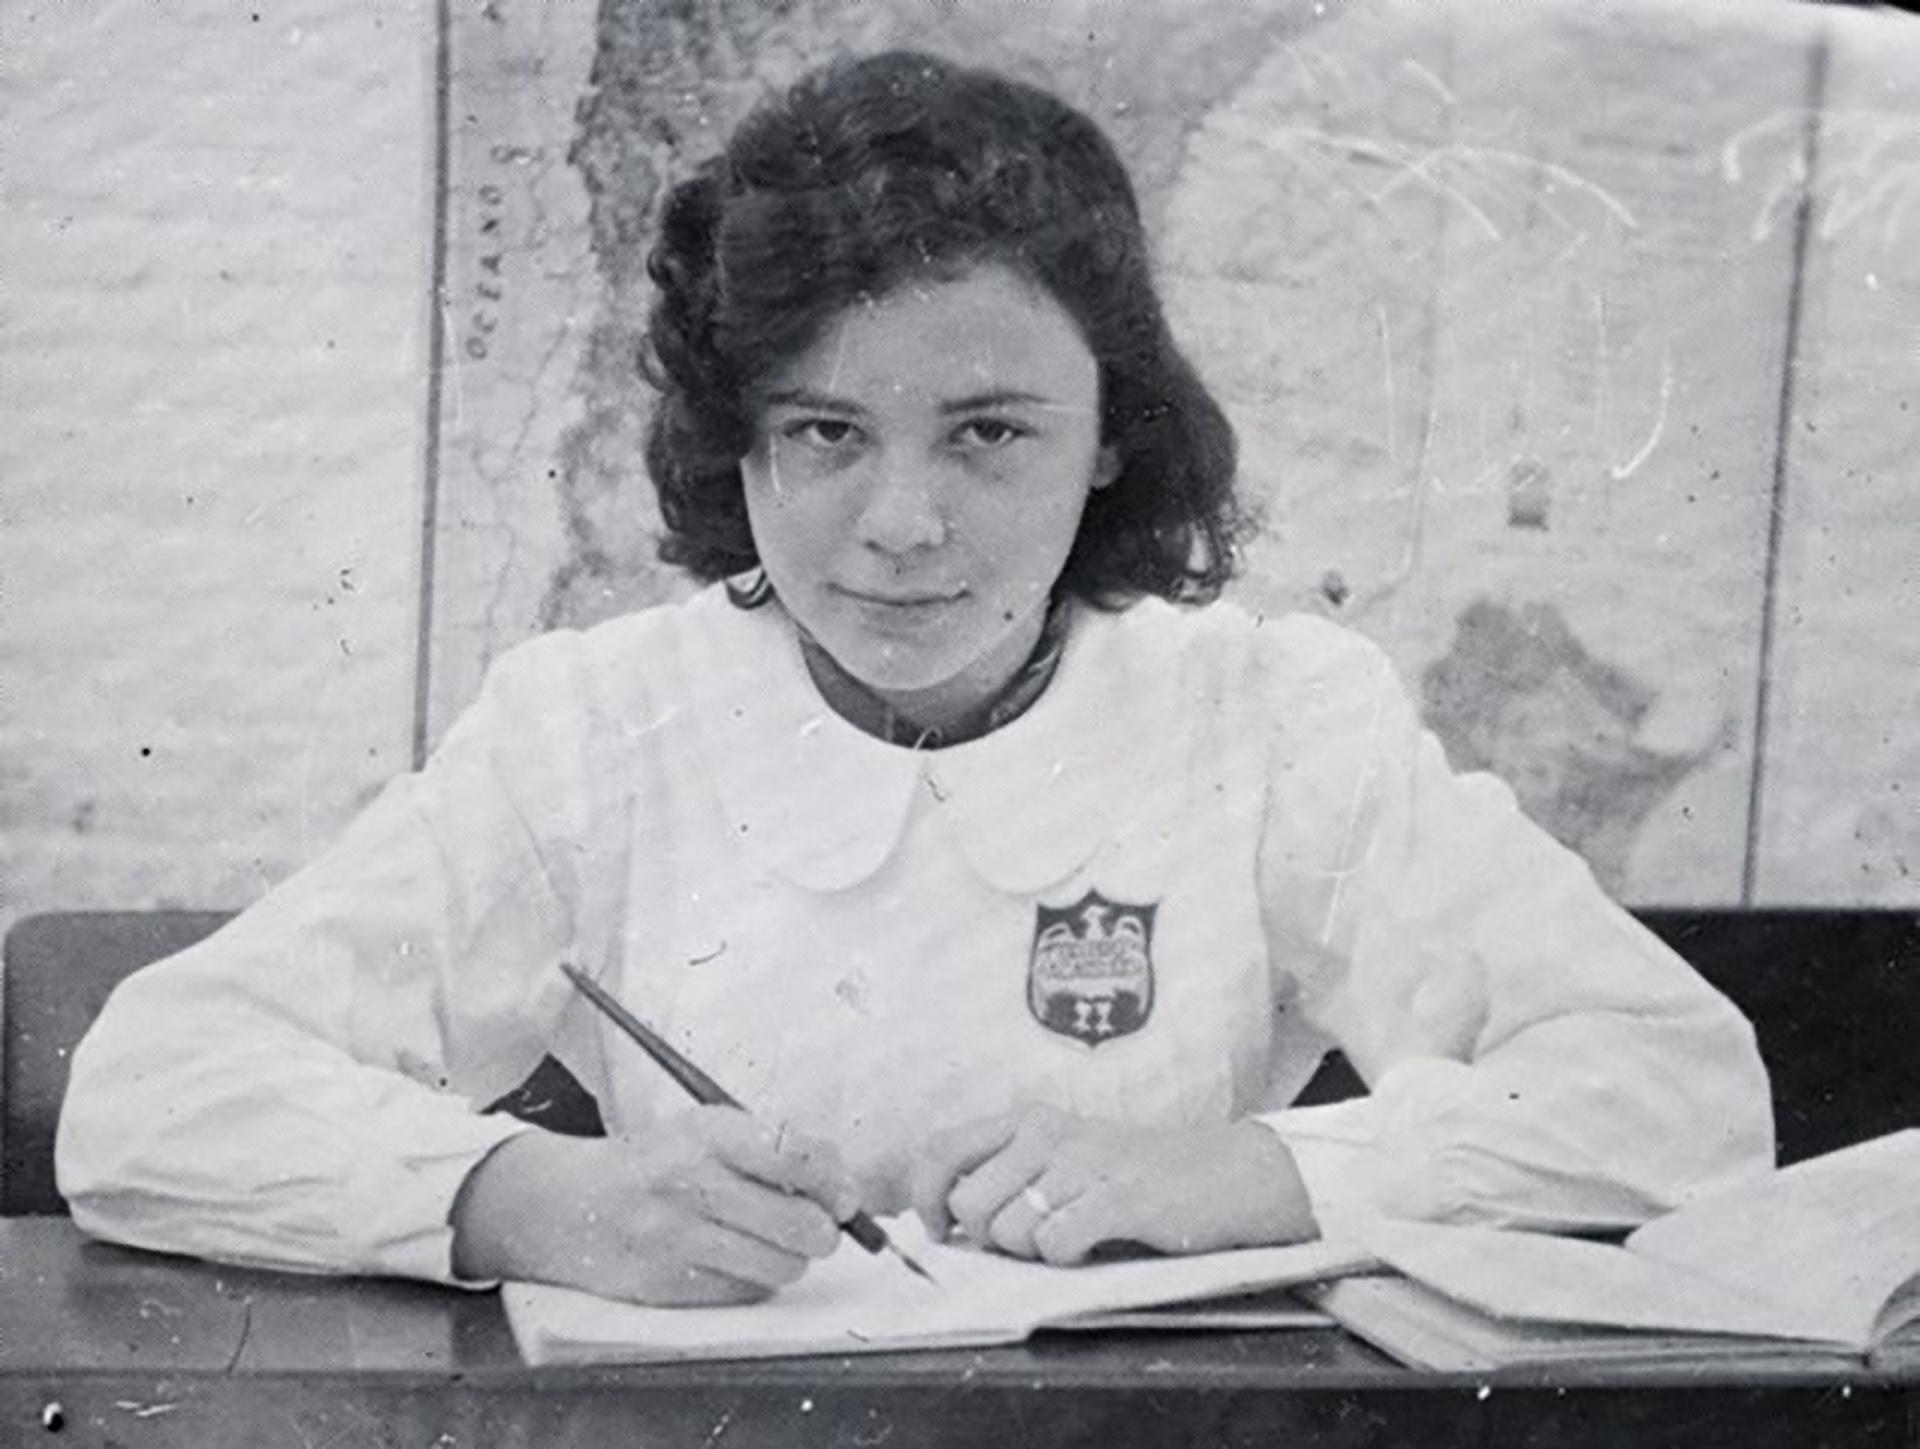 Silvia Hermann, la adolescente que conoció al hijo del criminal nazi